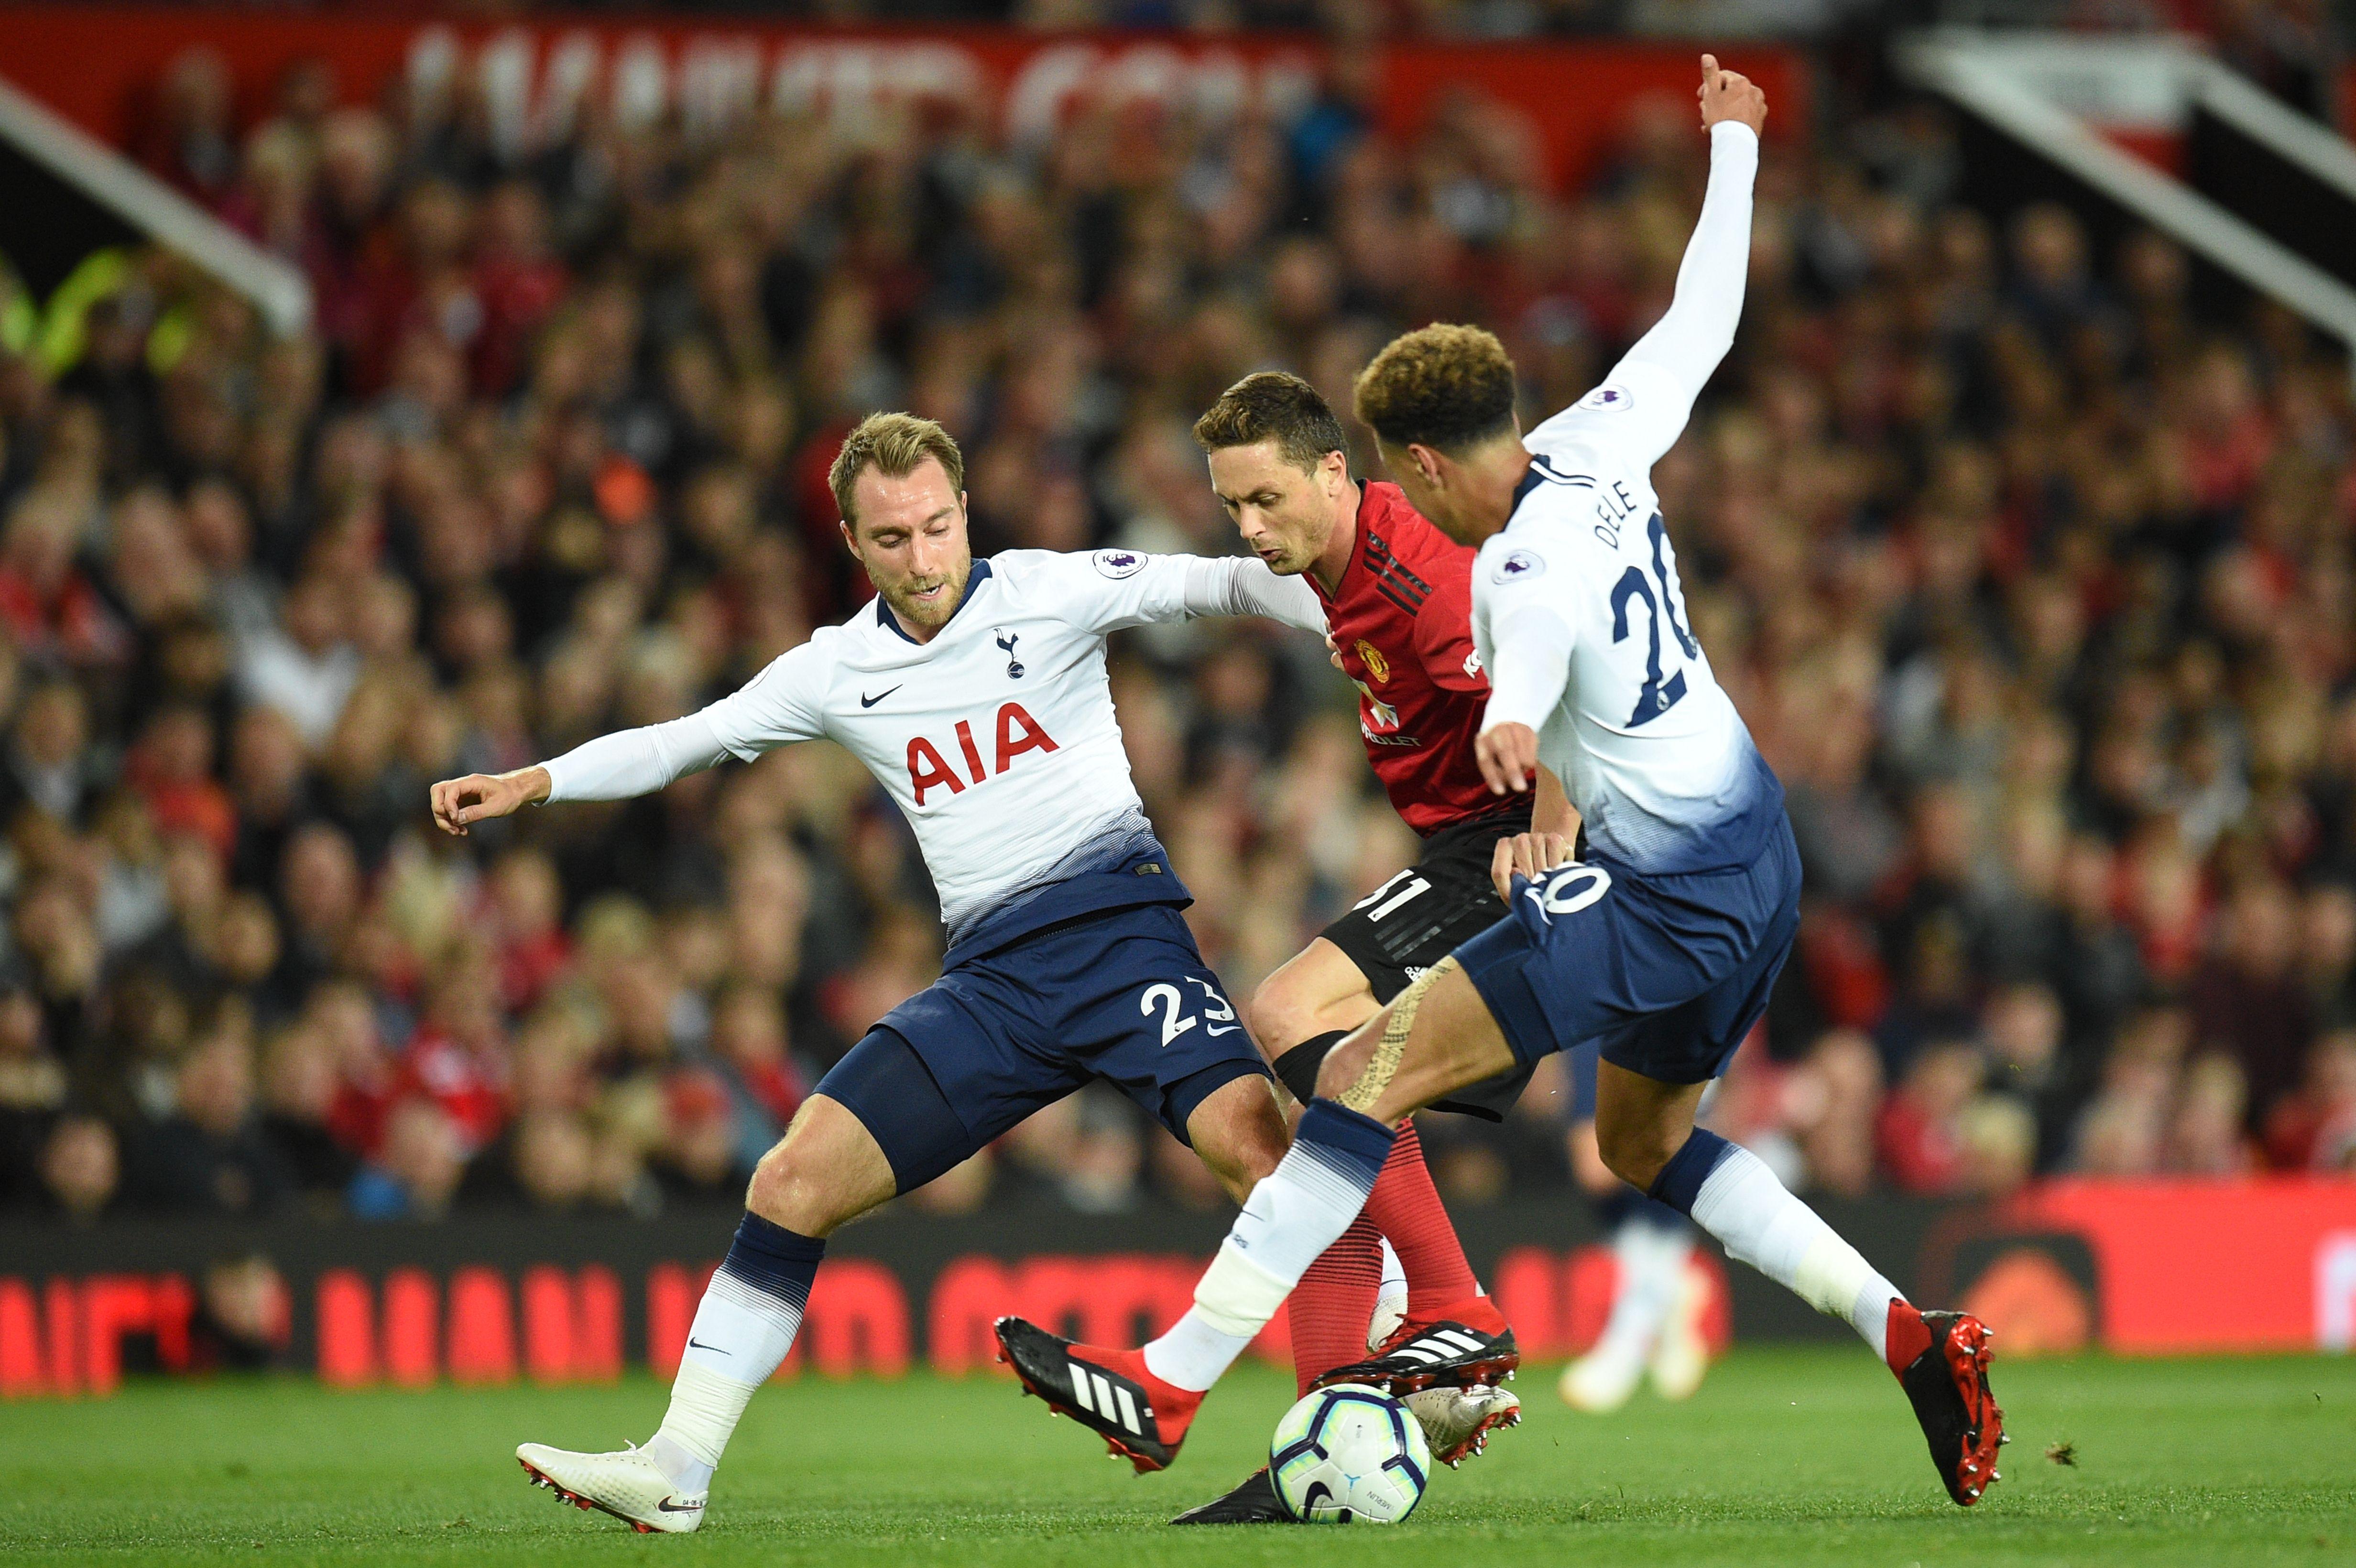 Manchester United Tottenham Premier League 2018-19